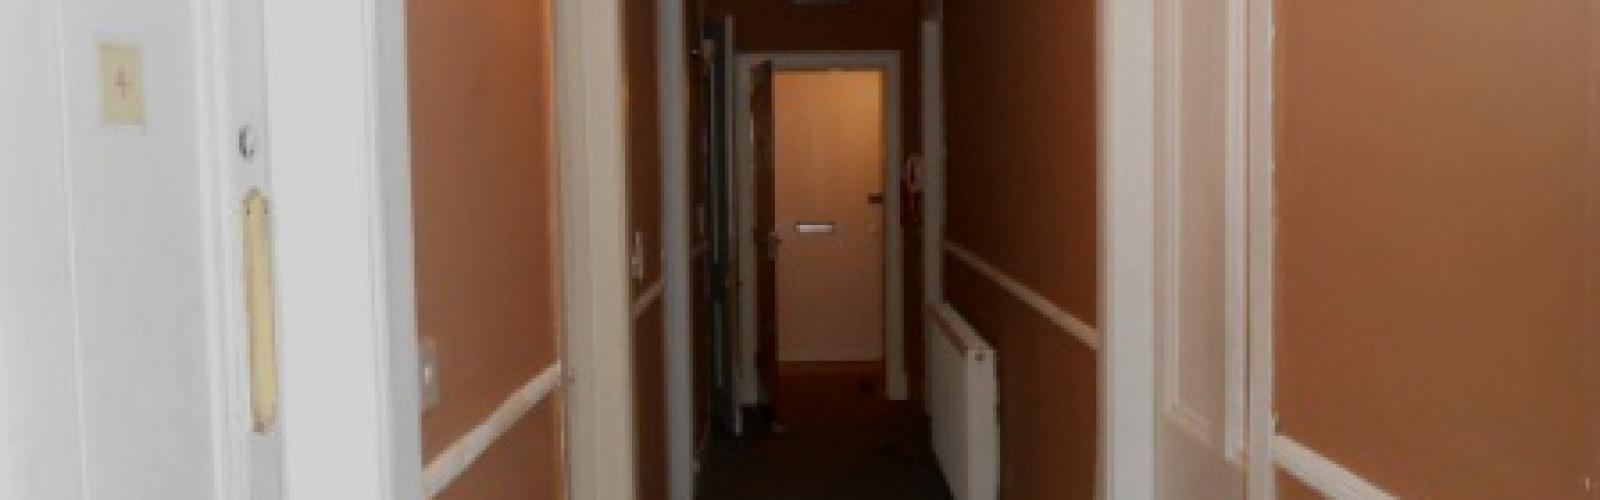 4 Bedrooms Bedrooms,2 BathroomsBathrooms,Flat,1018